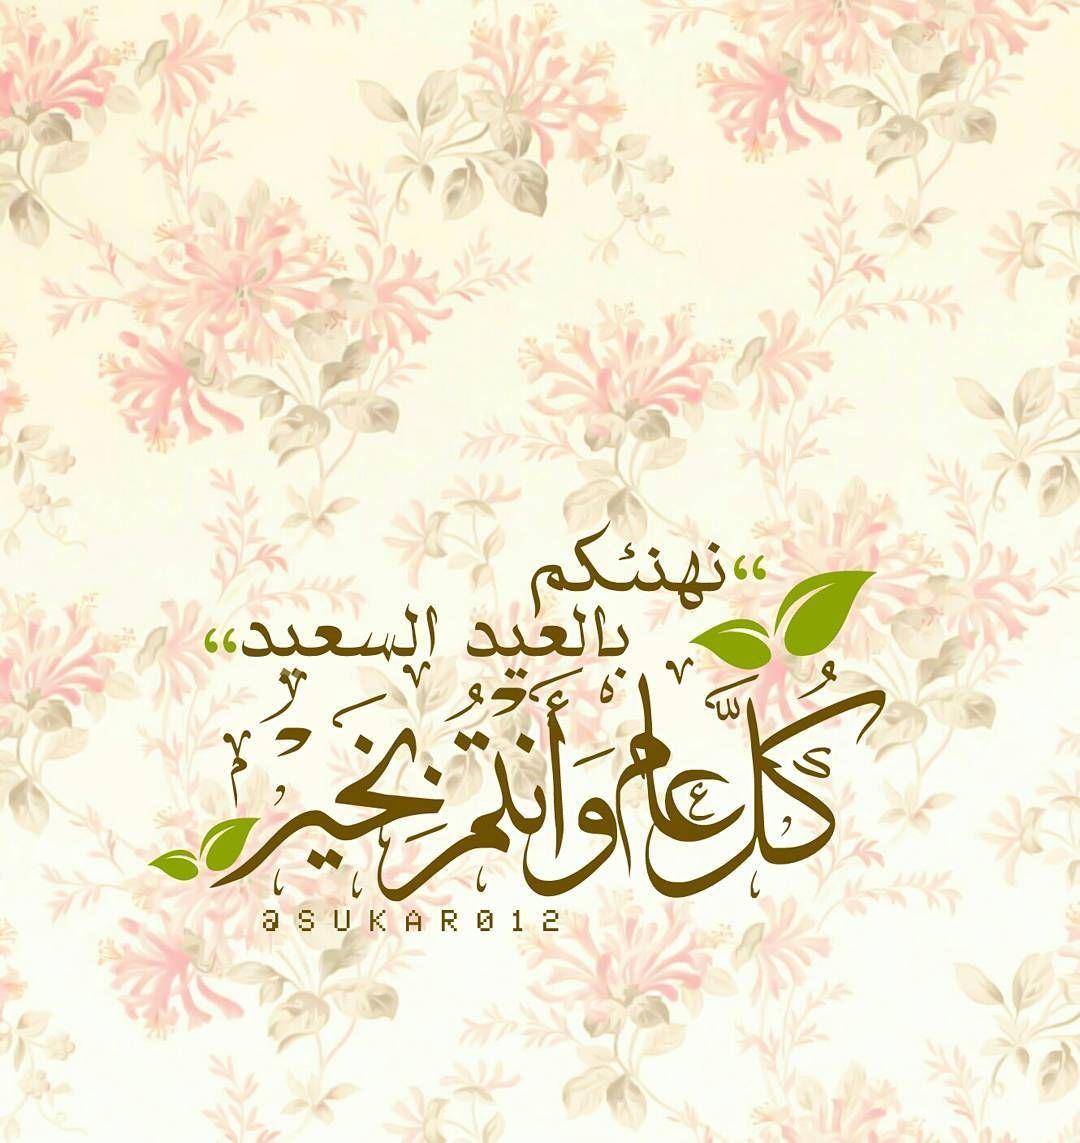 نهنئكم بالعيد السعيد كل عام وأنتم بخير عيد Eid Greetings Eid Stickers Eid Cards